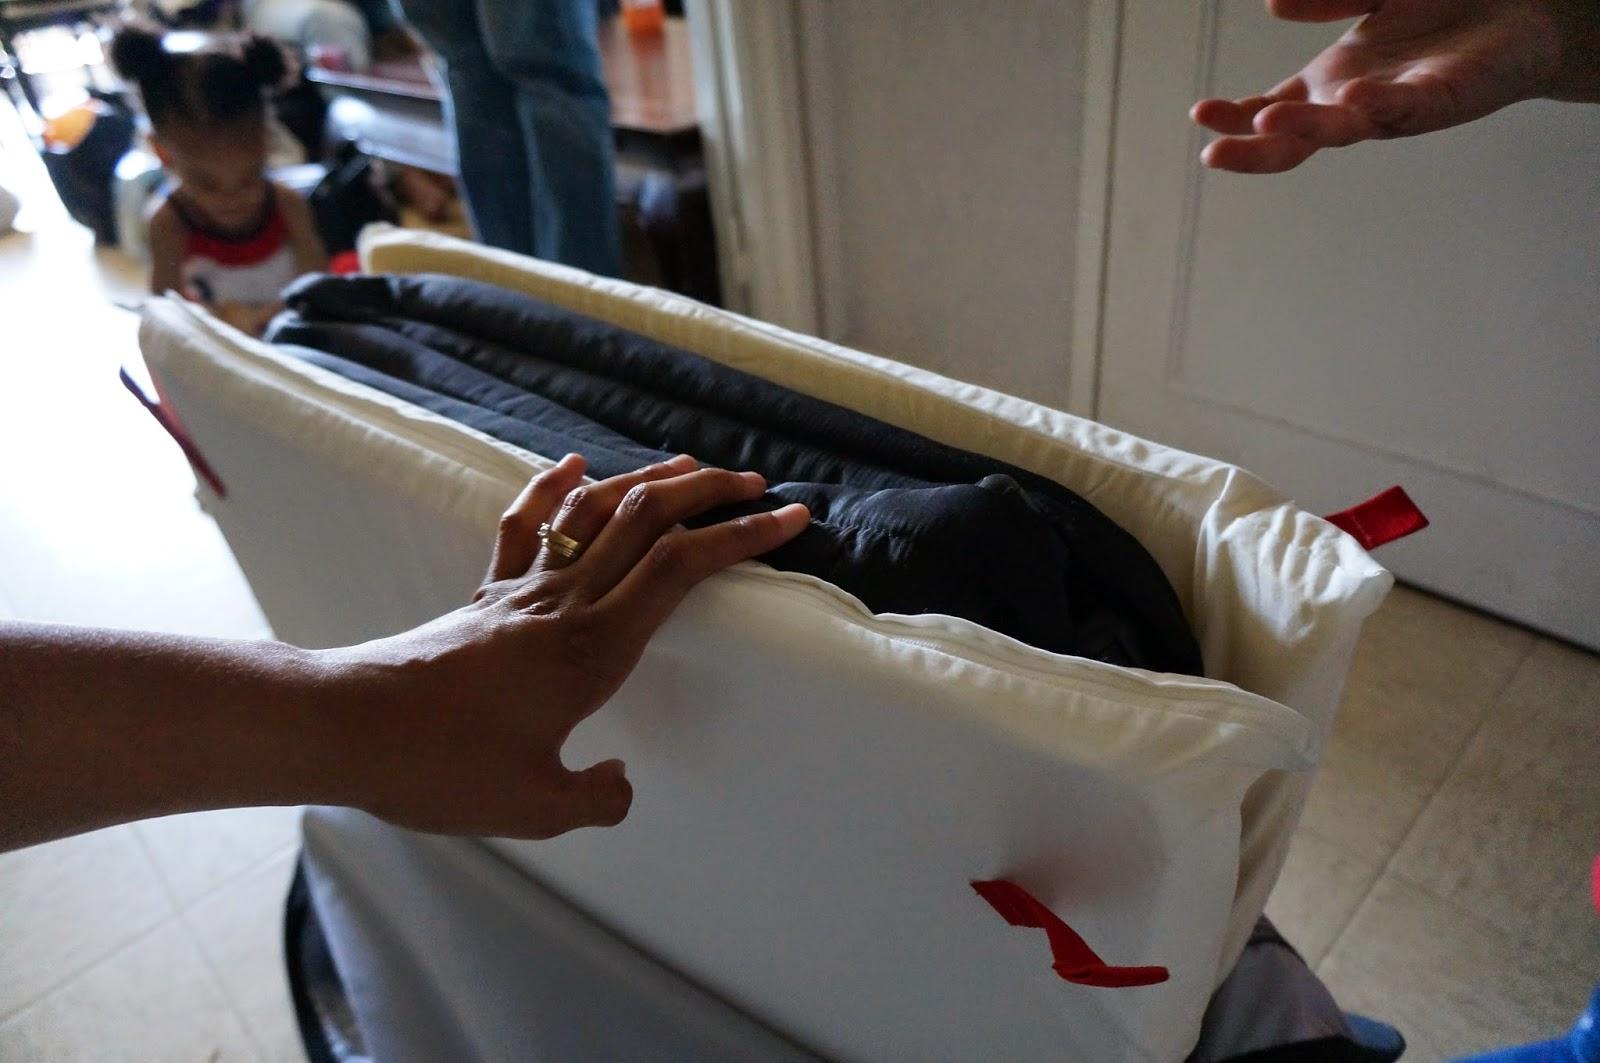 la mare aux canards le blog d 39 une parisienne le berceau et lit de voyage babybjorn test et avis. Black Bedroom Furniture Sets. Home Design Ideas